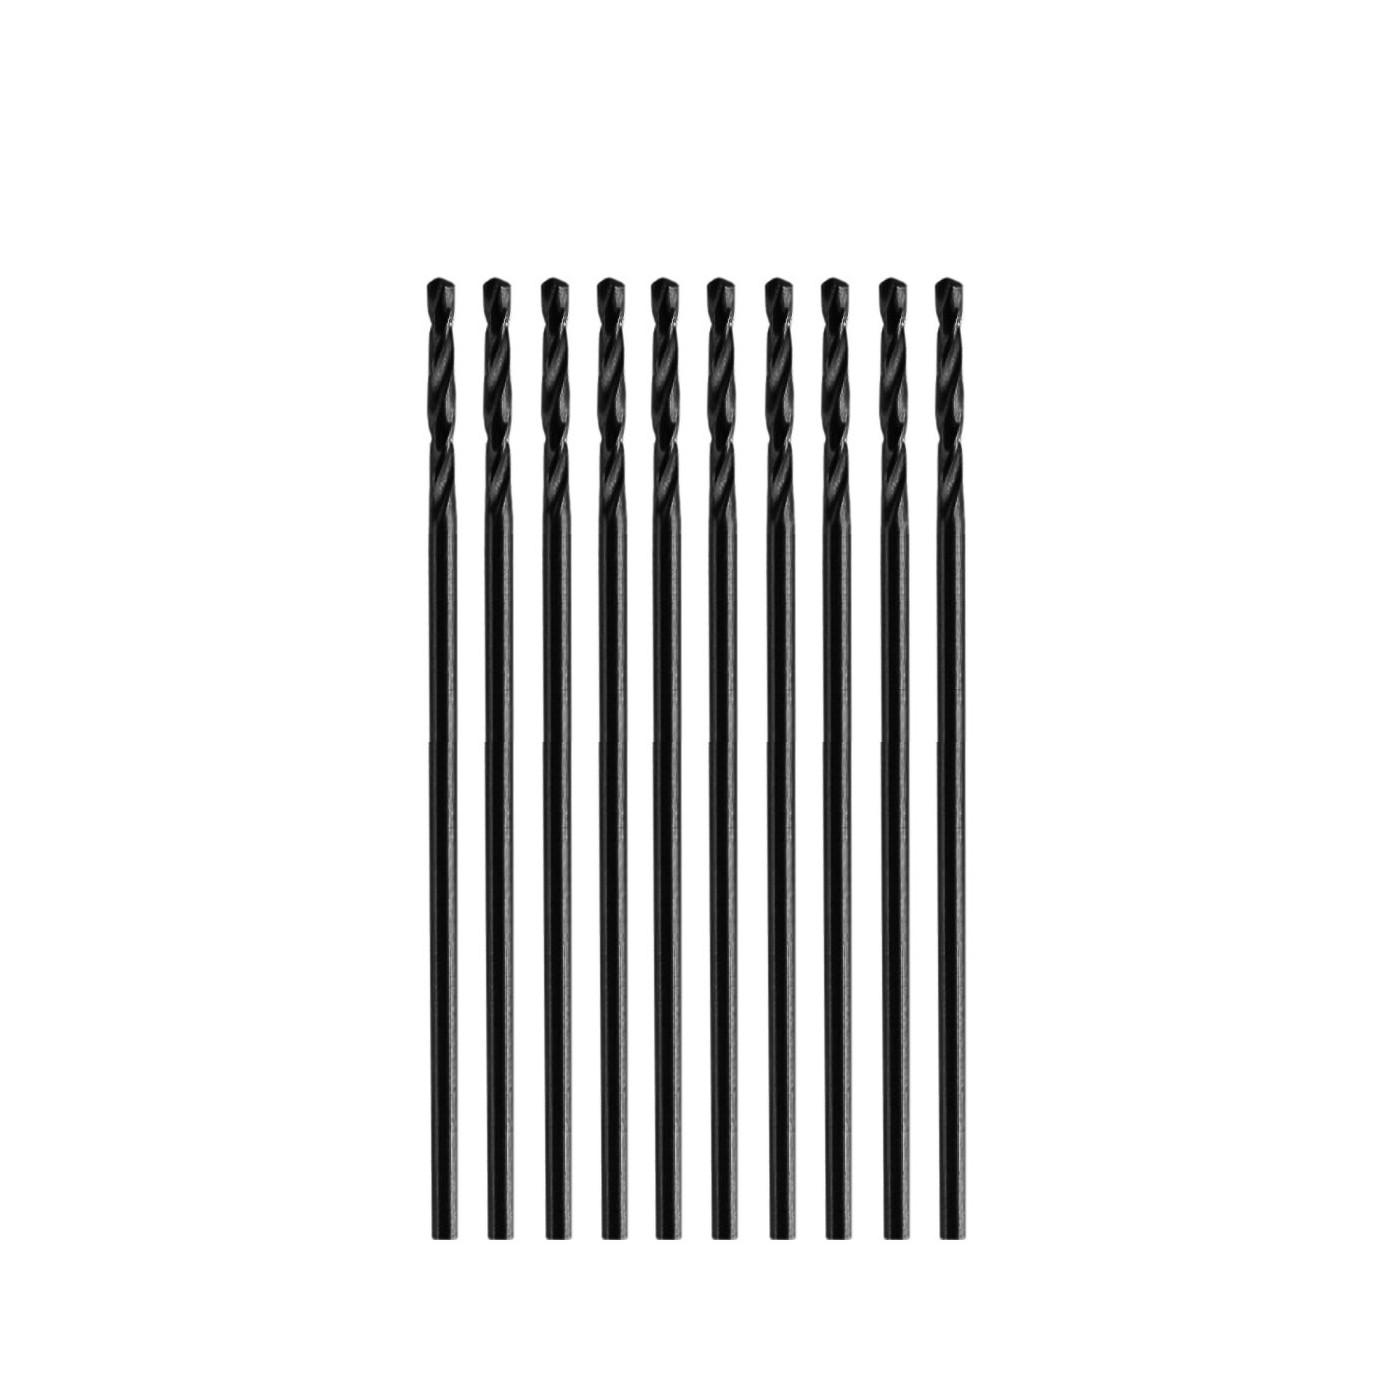 Set of 10 small metal drill bits (1.1x34 mm, HSS)  - 1